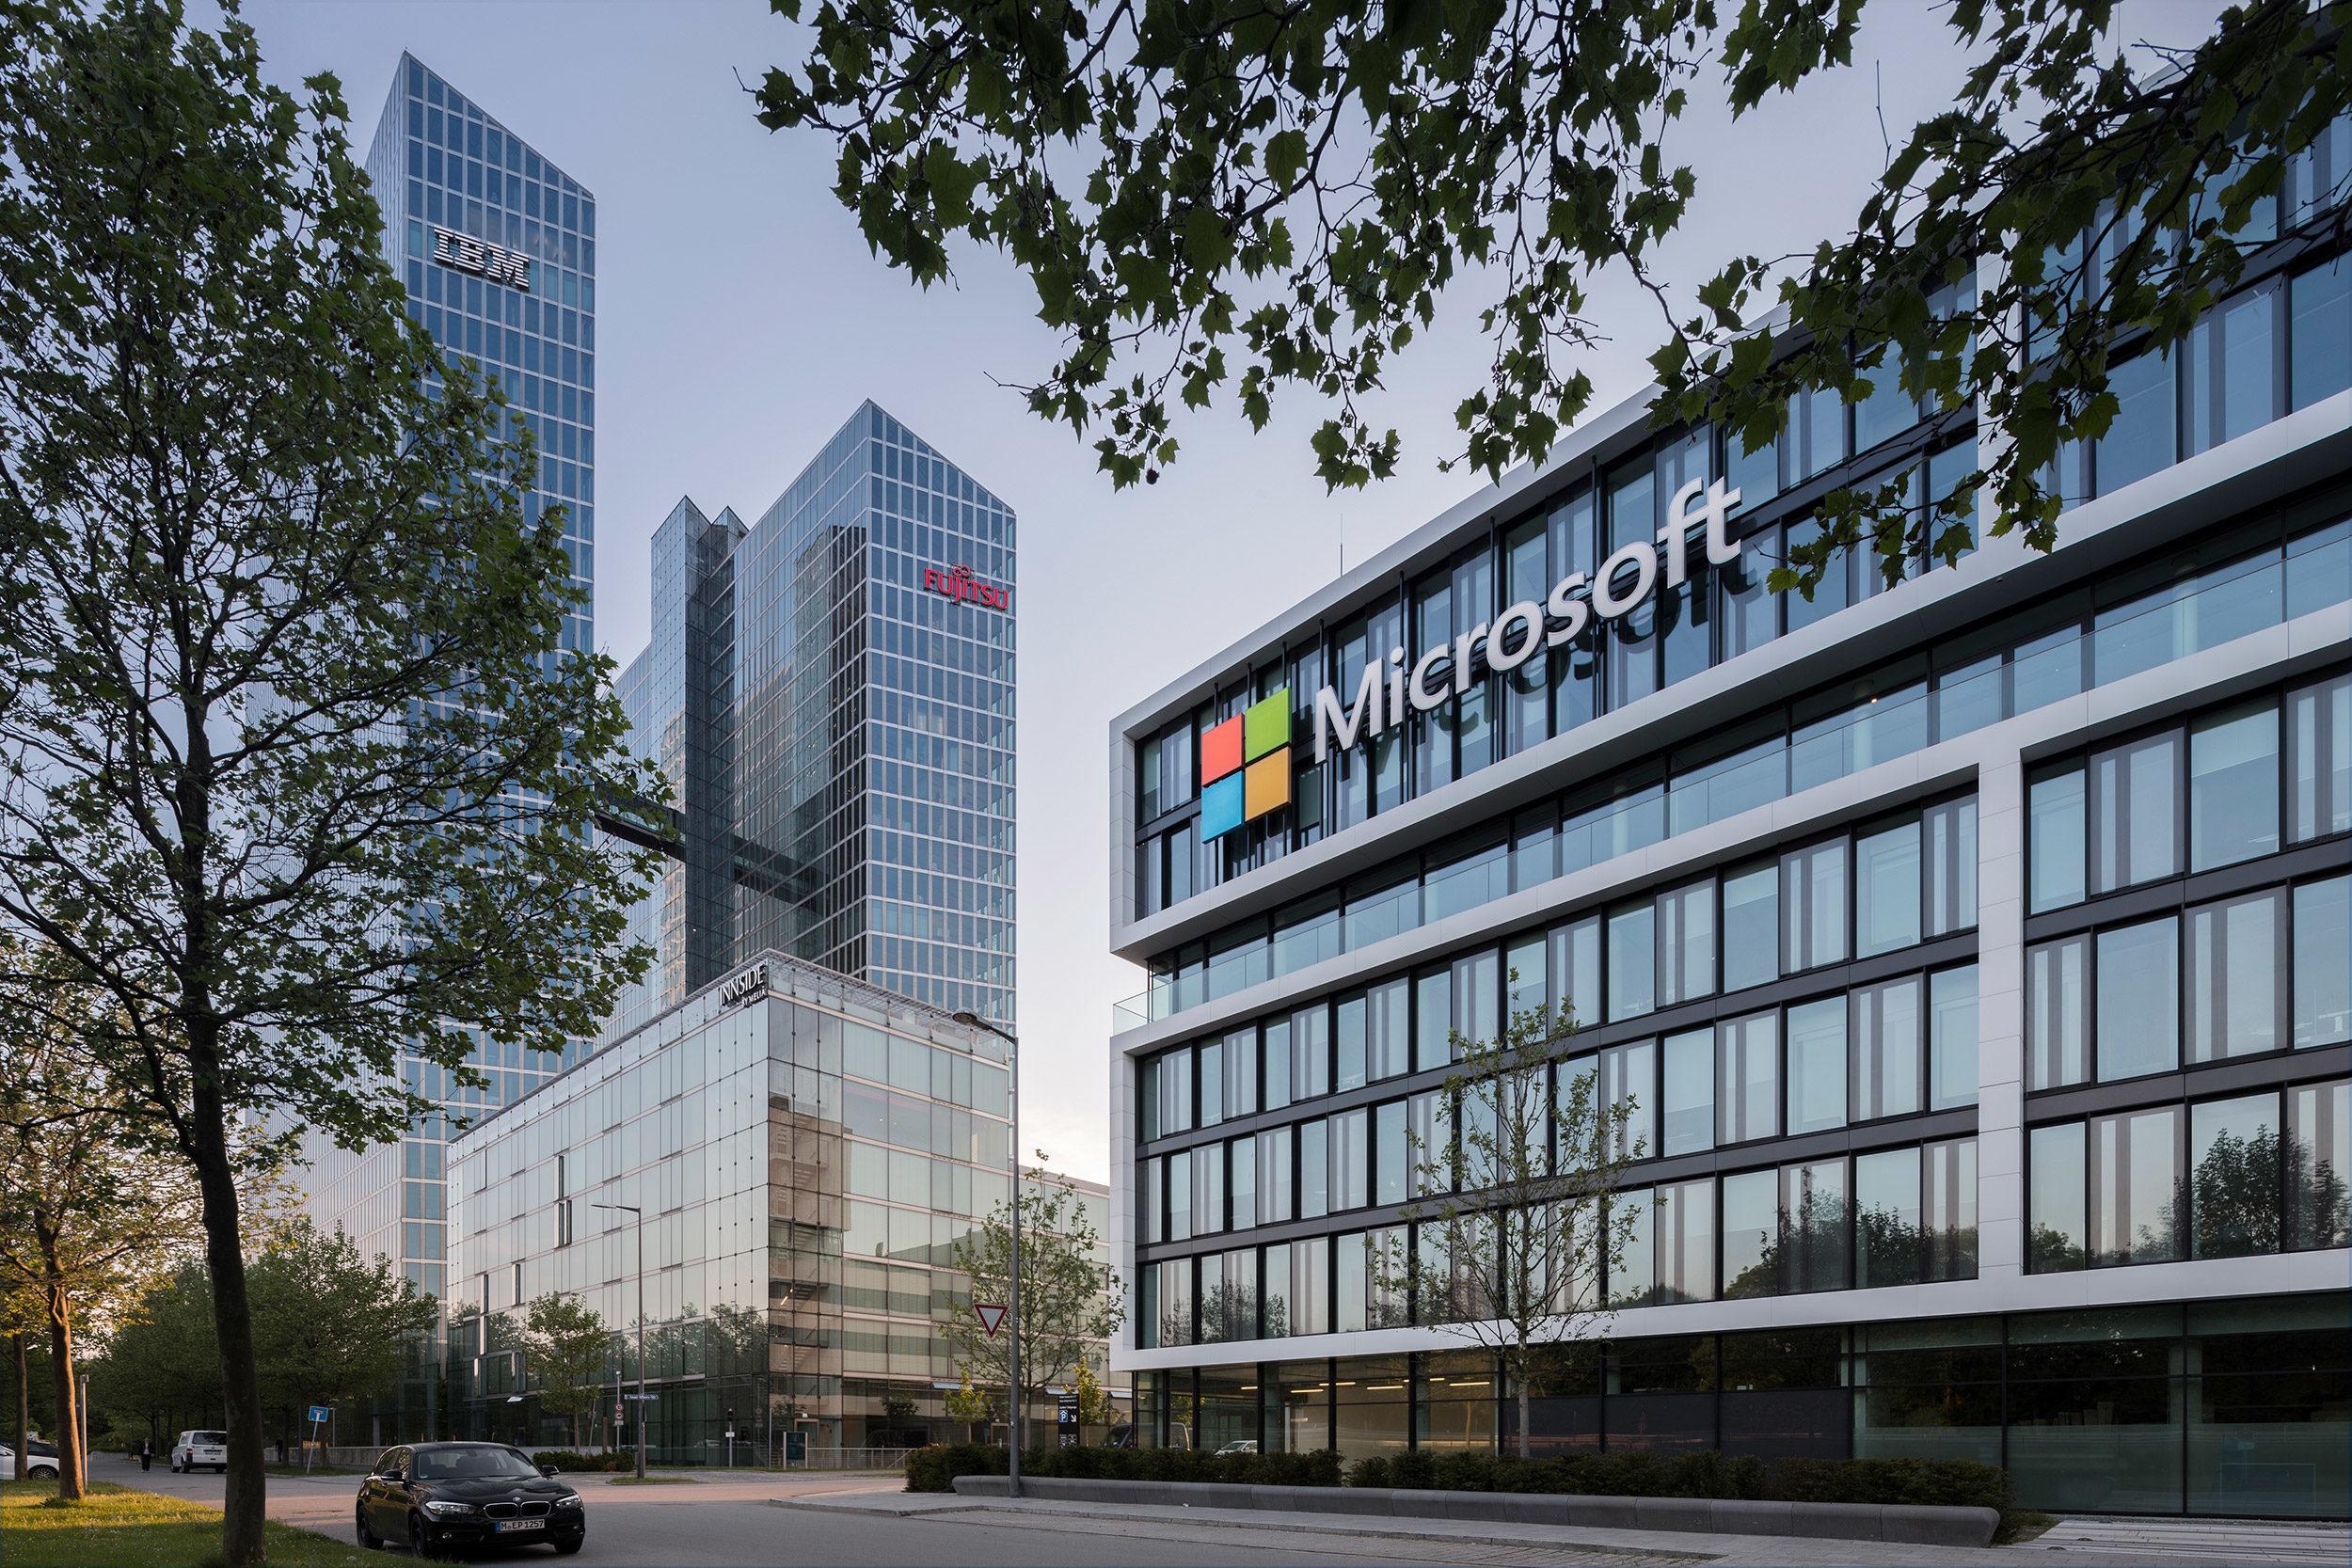 Microsoft sfida Google e le chiede di pagare il giornalismo